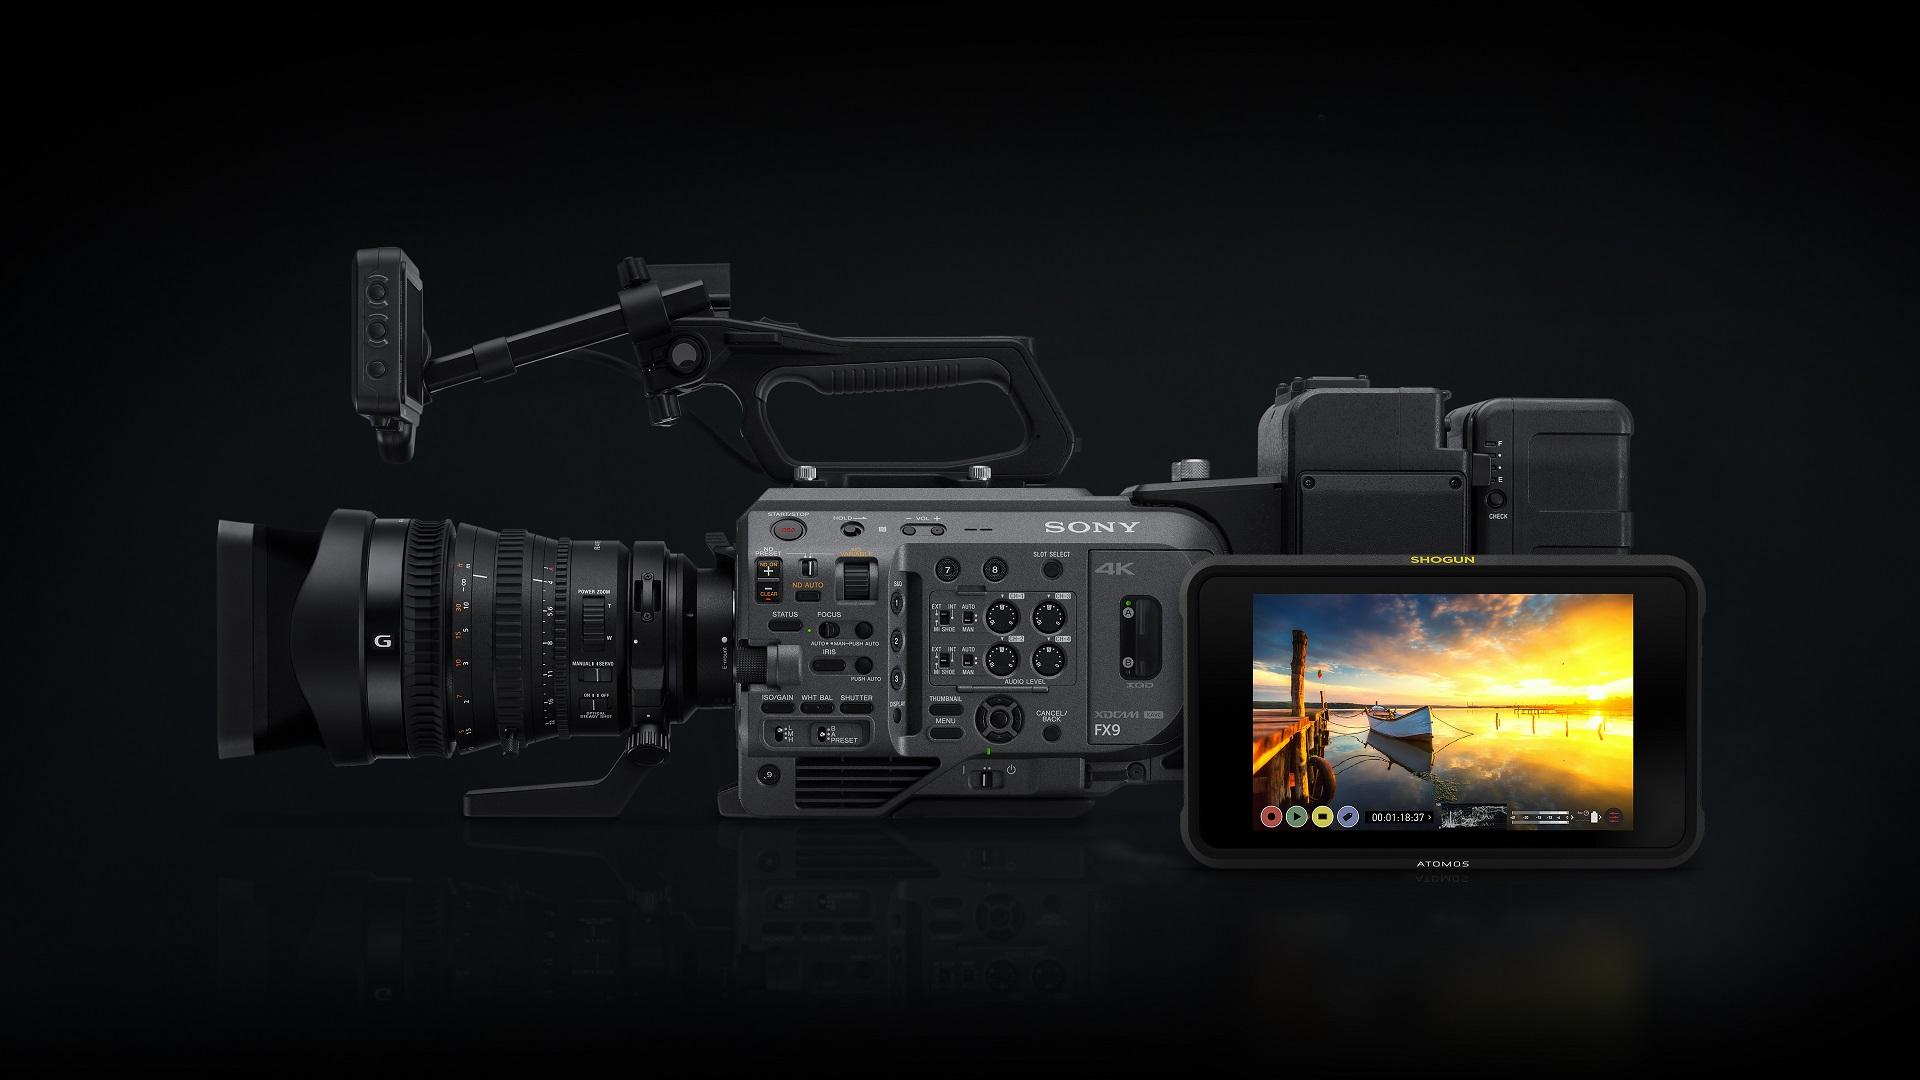 El Atomos Shogun 7 admitirá grabación ProRes RAW desde la Sony FX9